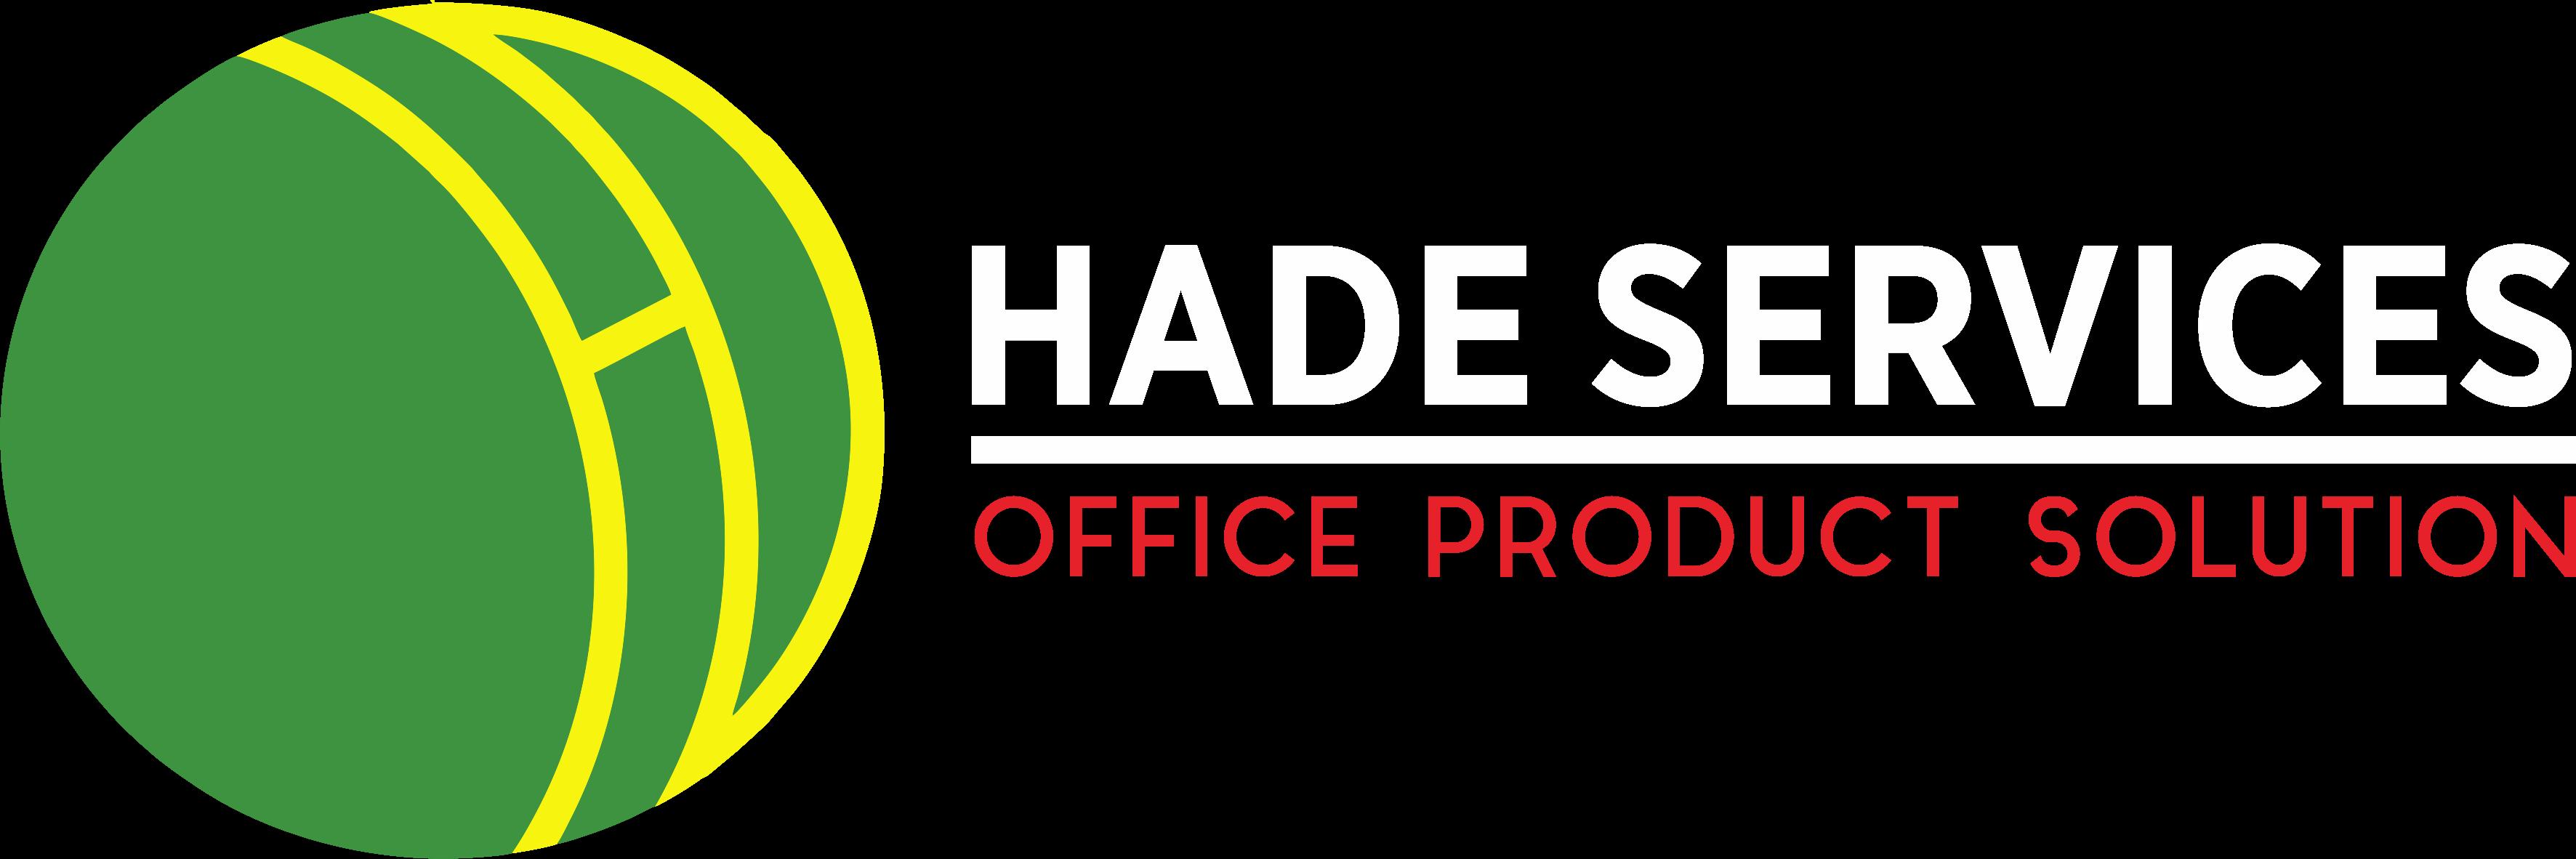 Hade Services